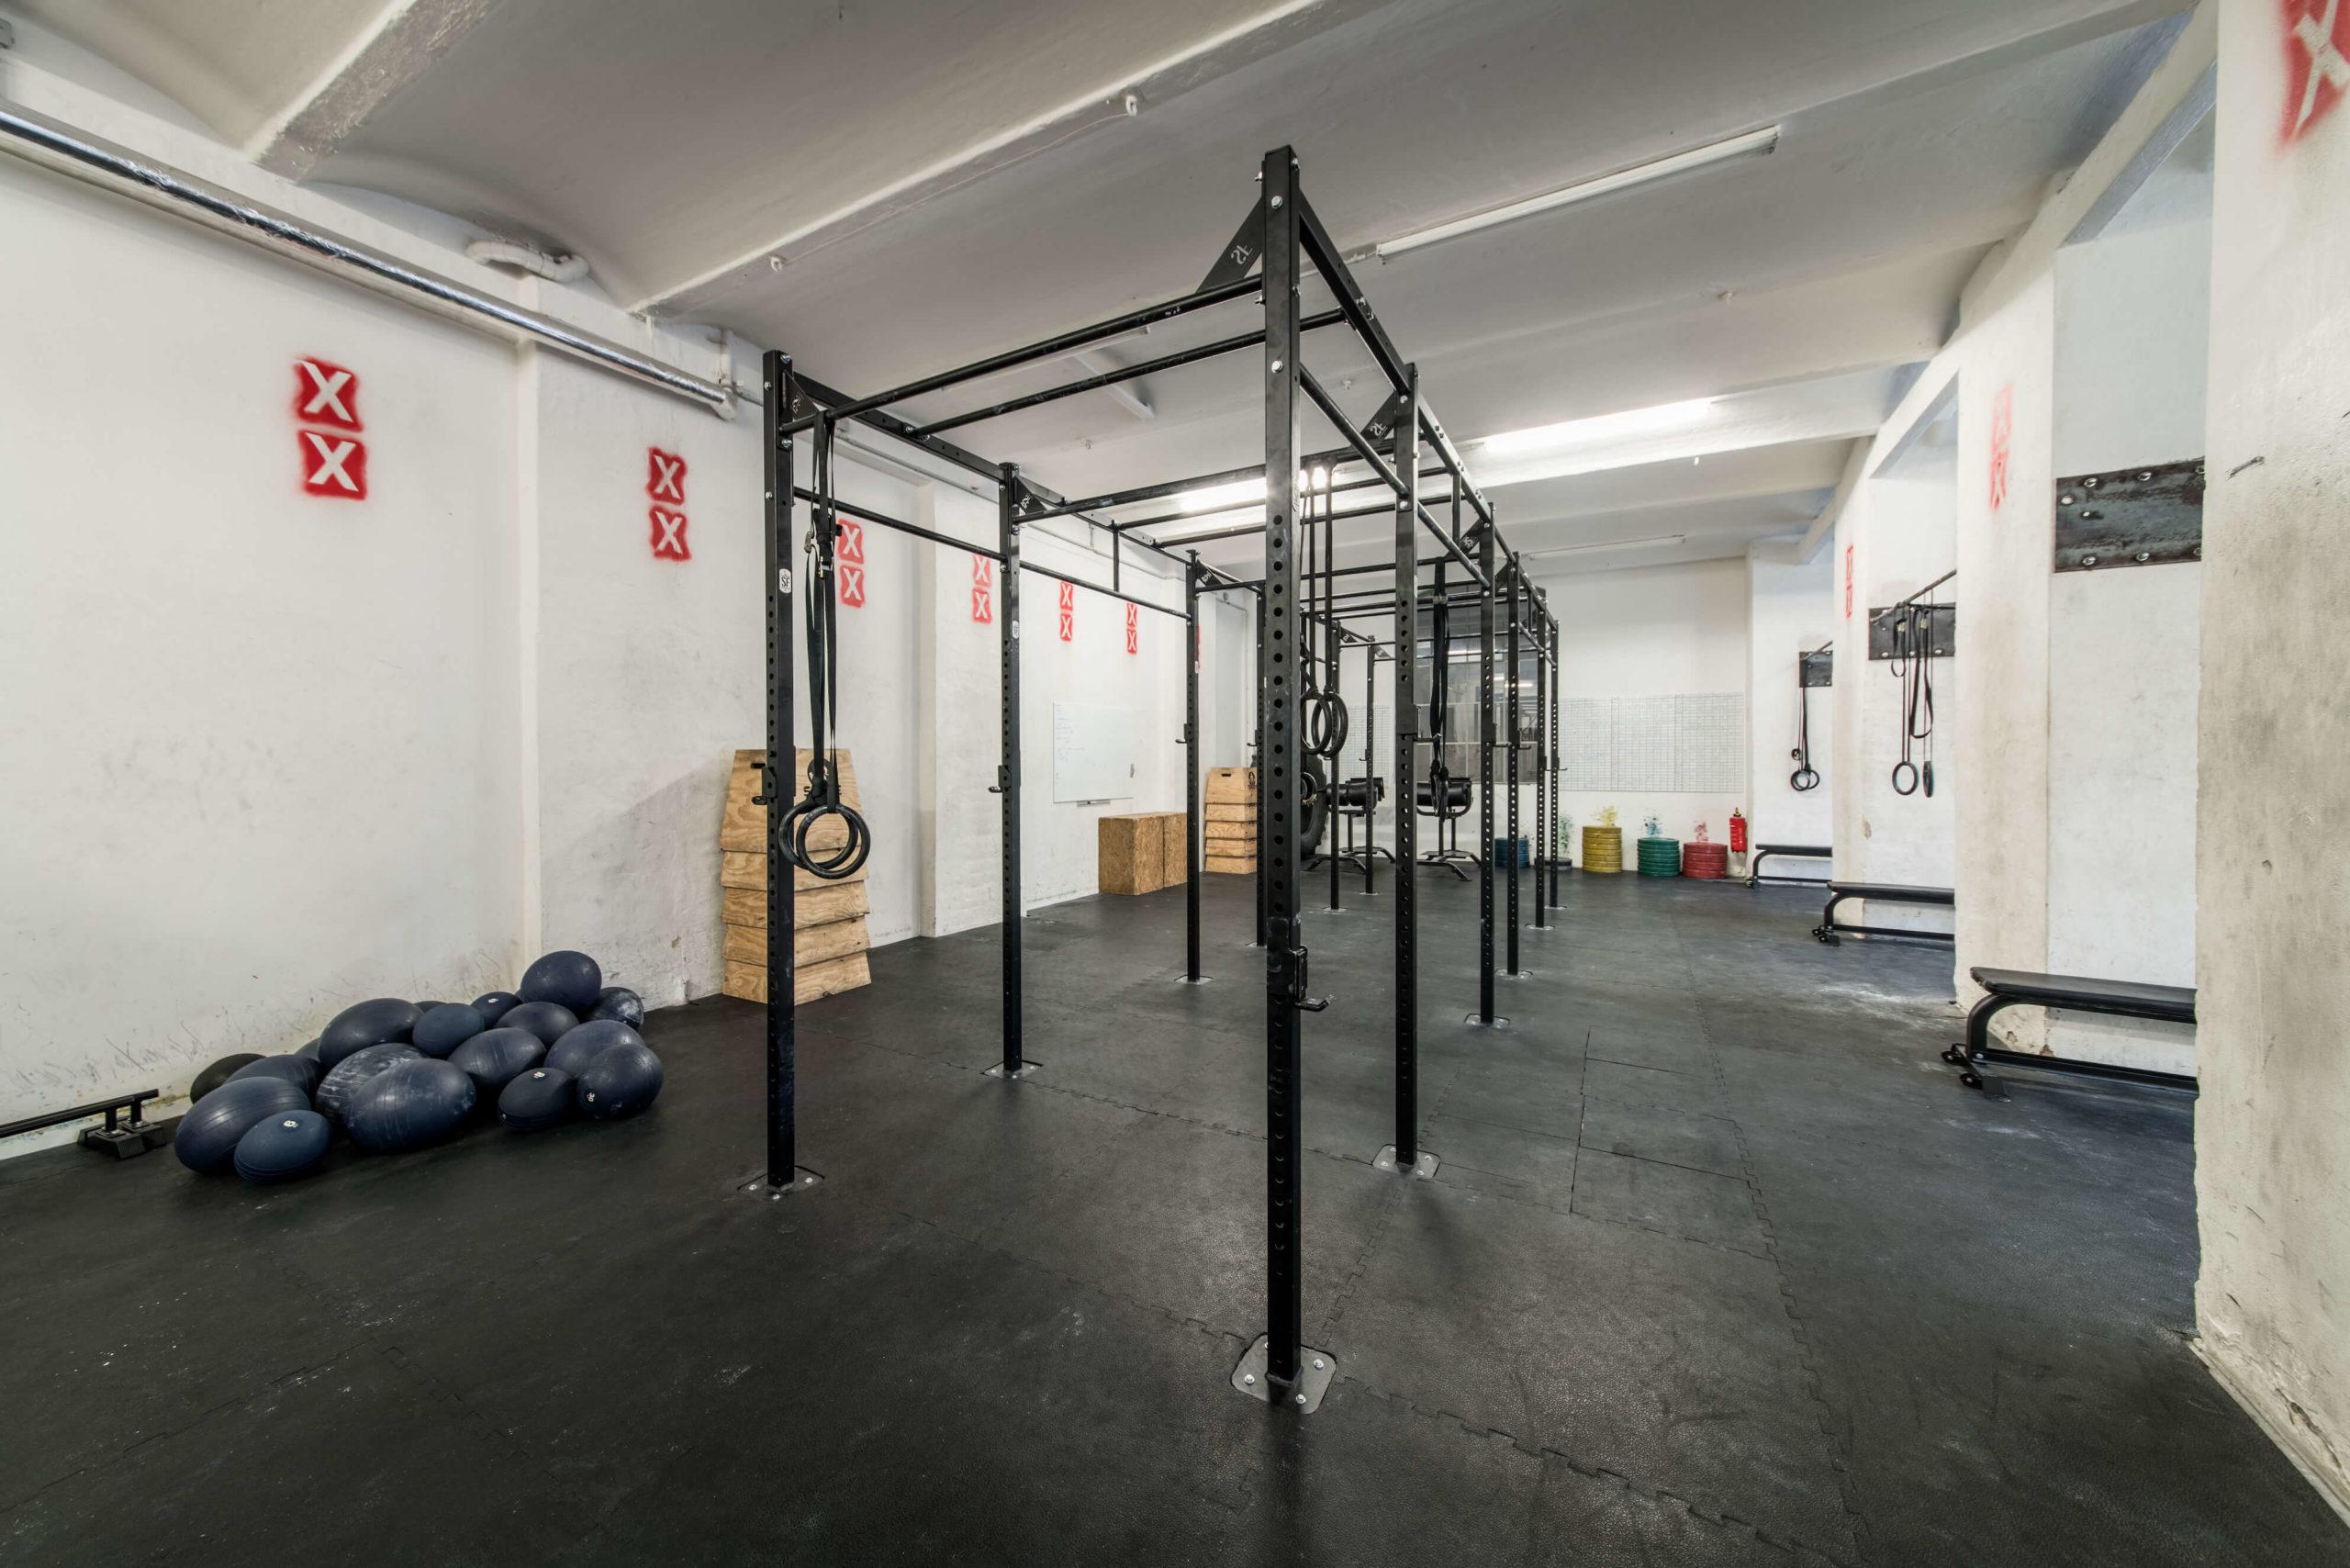 Spree CrossFit open gym